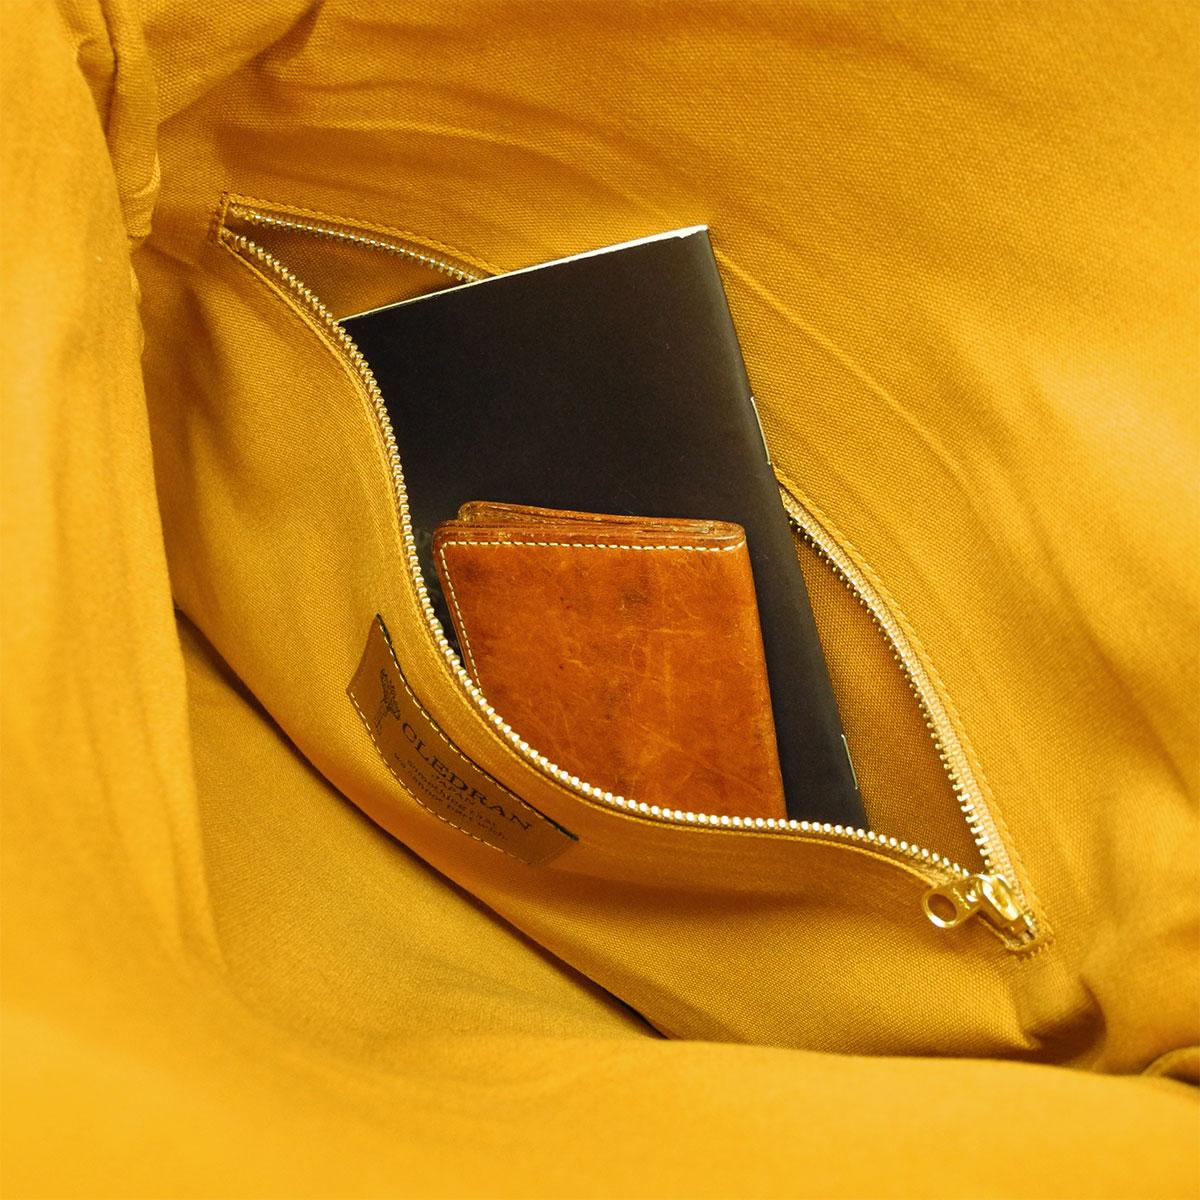 信条运行 CLEDRAN 包德图离合器袋男装女装皮革袋皮革 CL-2161